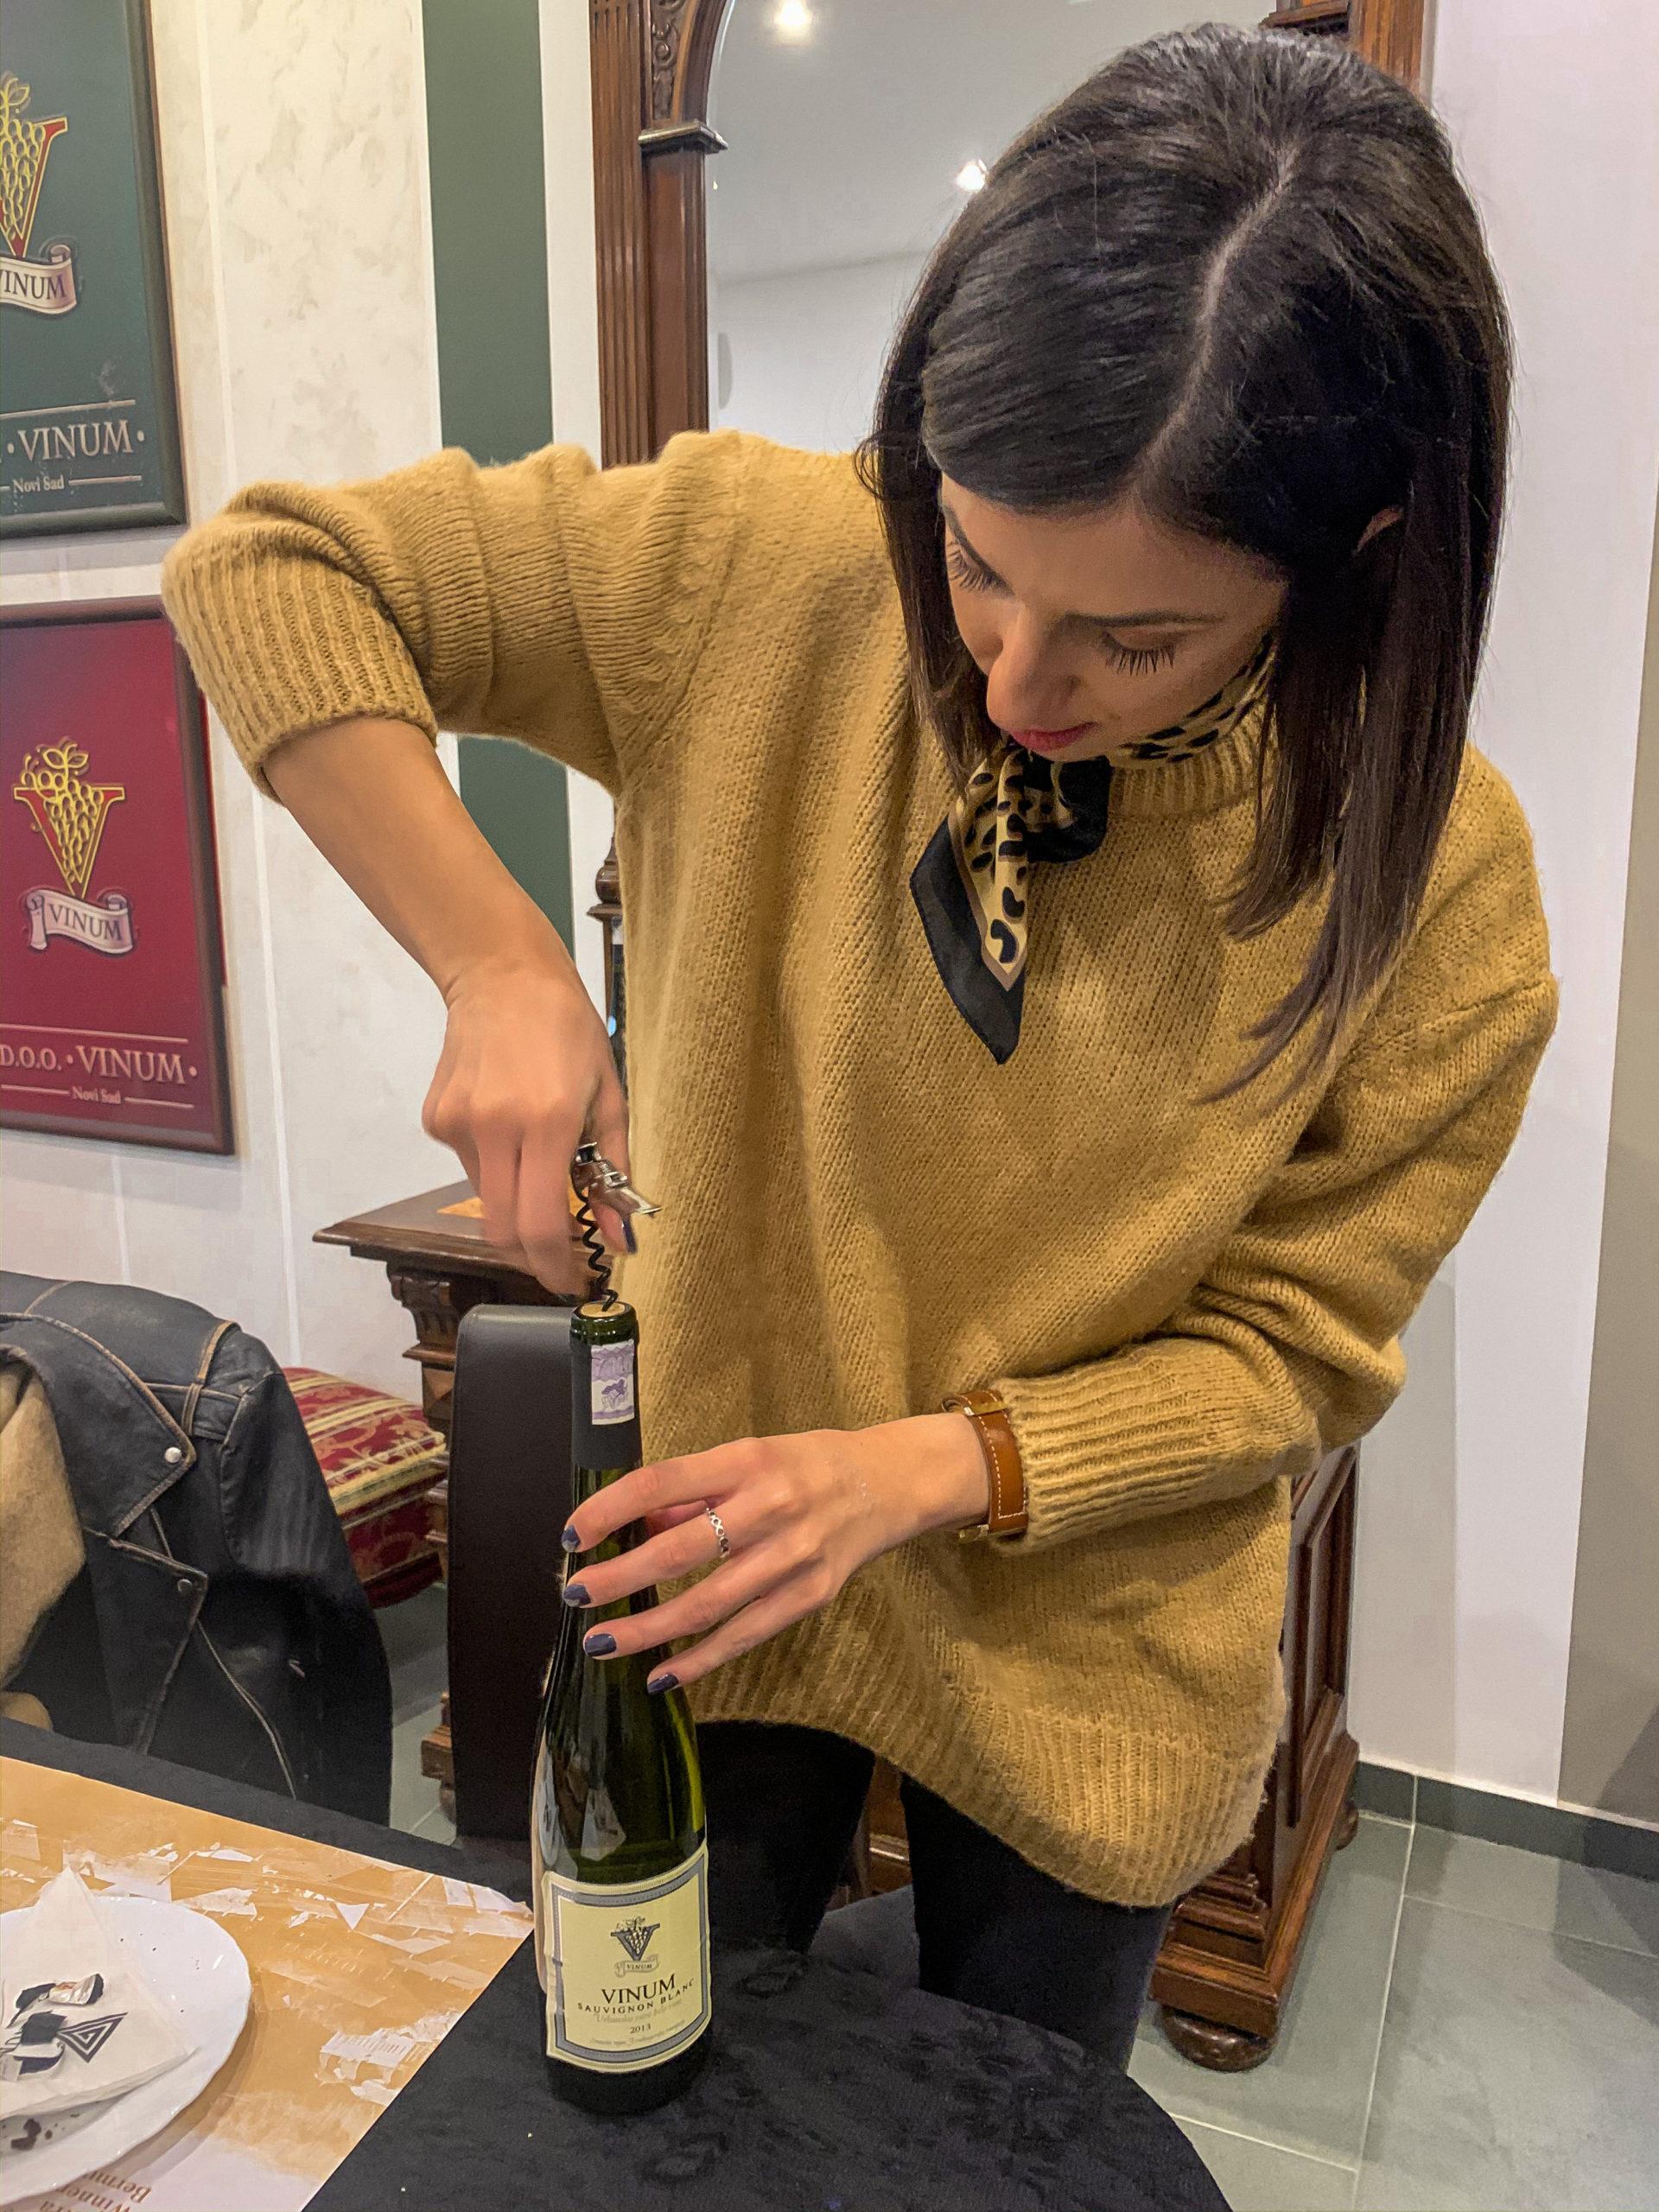 Otvaranje vina